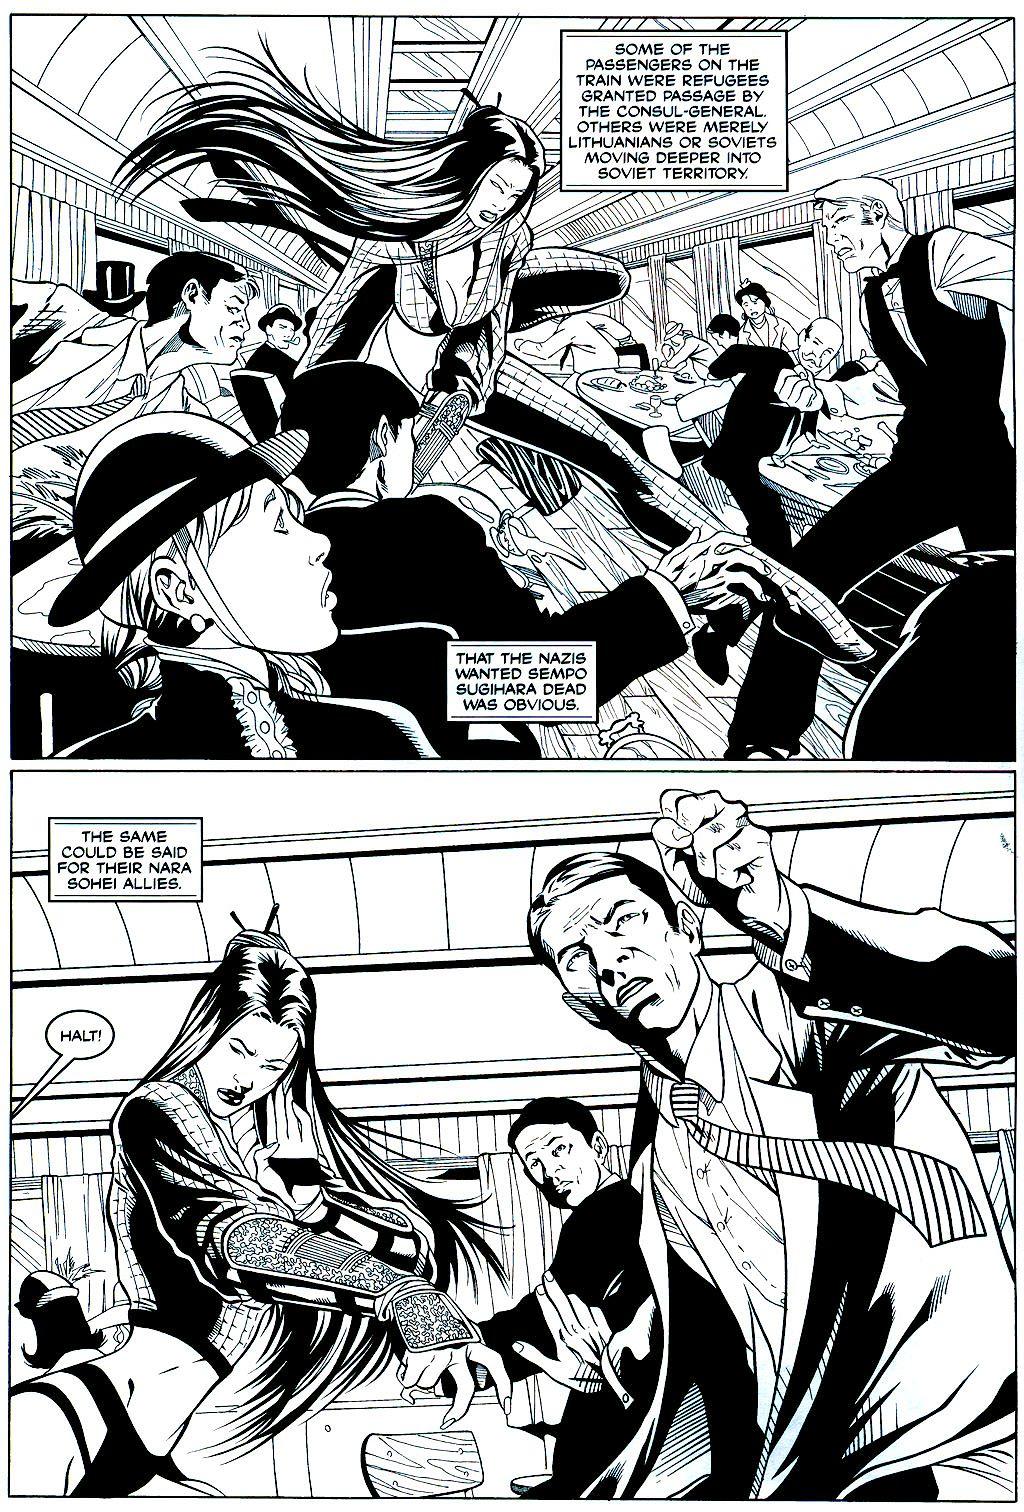 Read online Shi: Sempo comic -  Issue #2 - 4